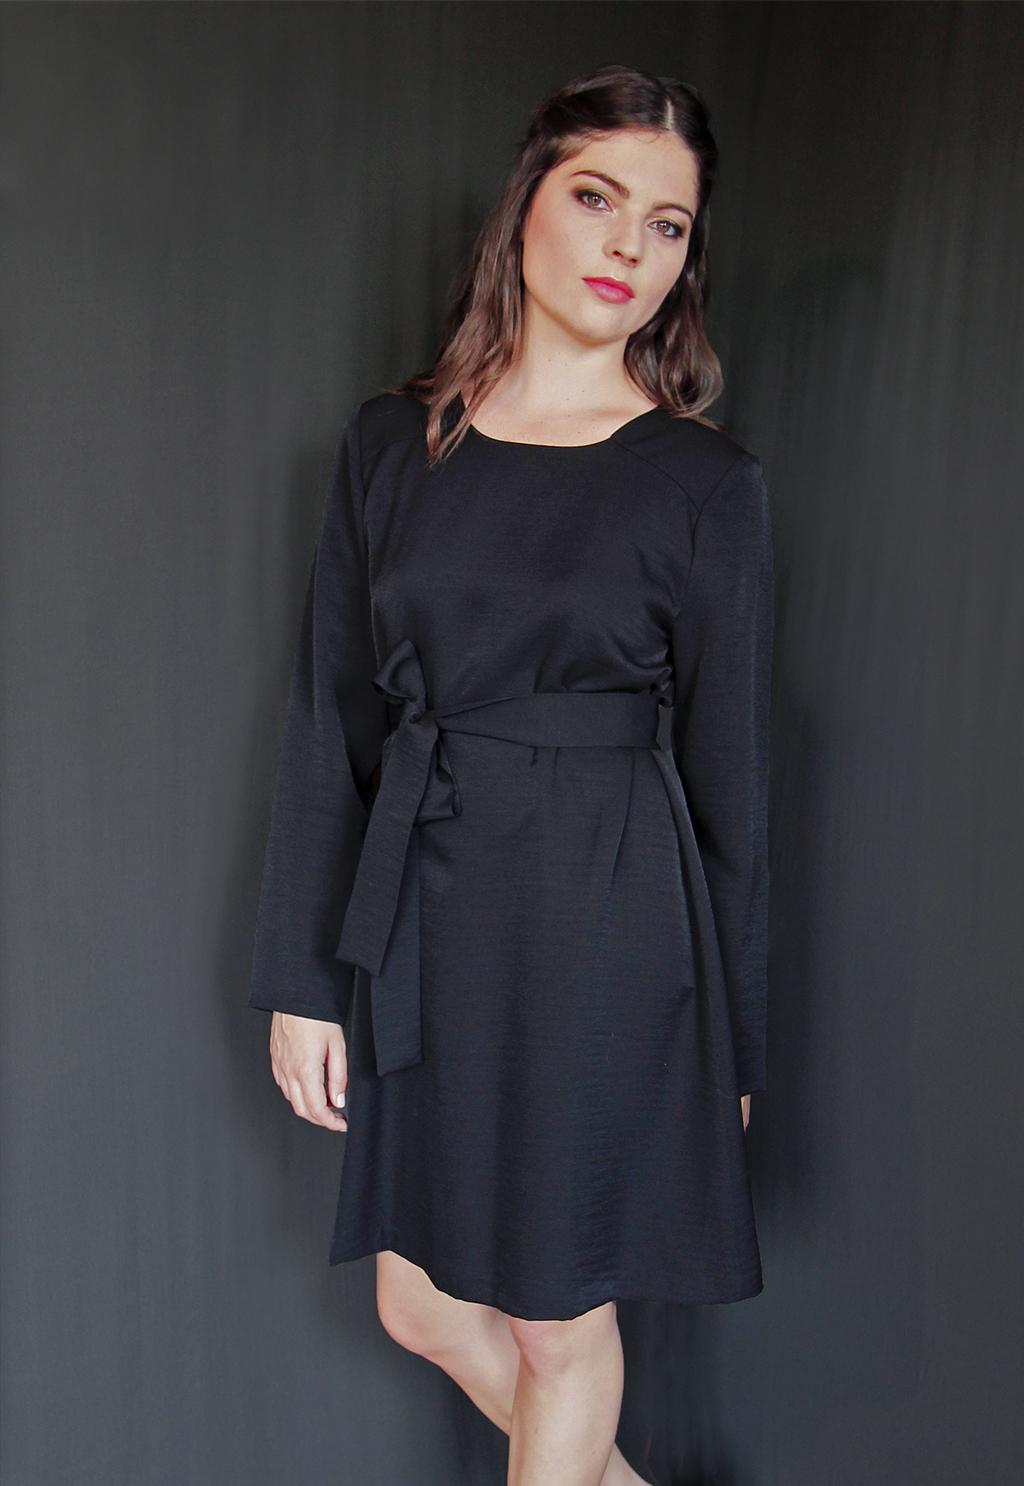 a4a009b864c Robe Noire Chic Cocktail Soirée Mariage Créateur SOLENE MARTIN